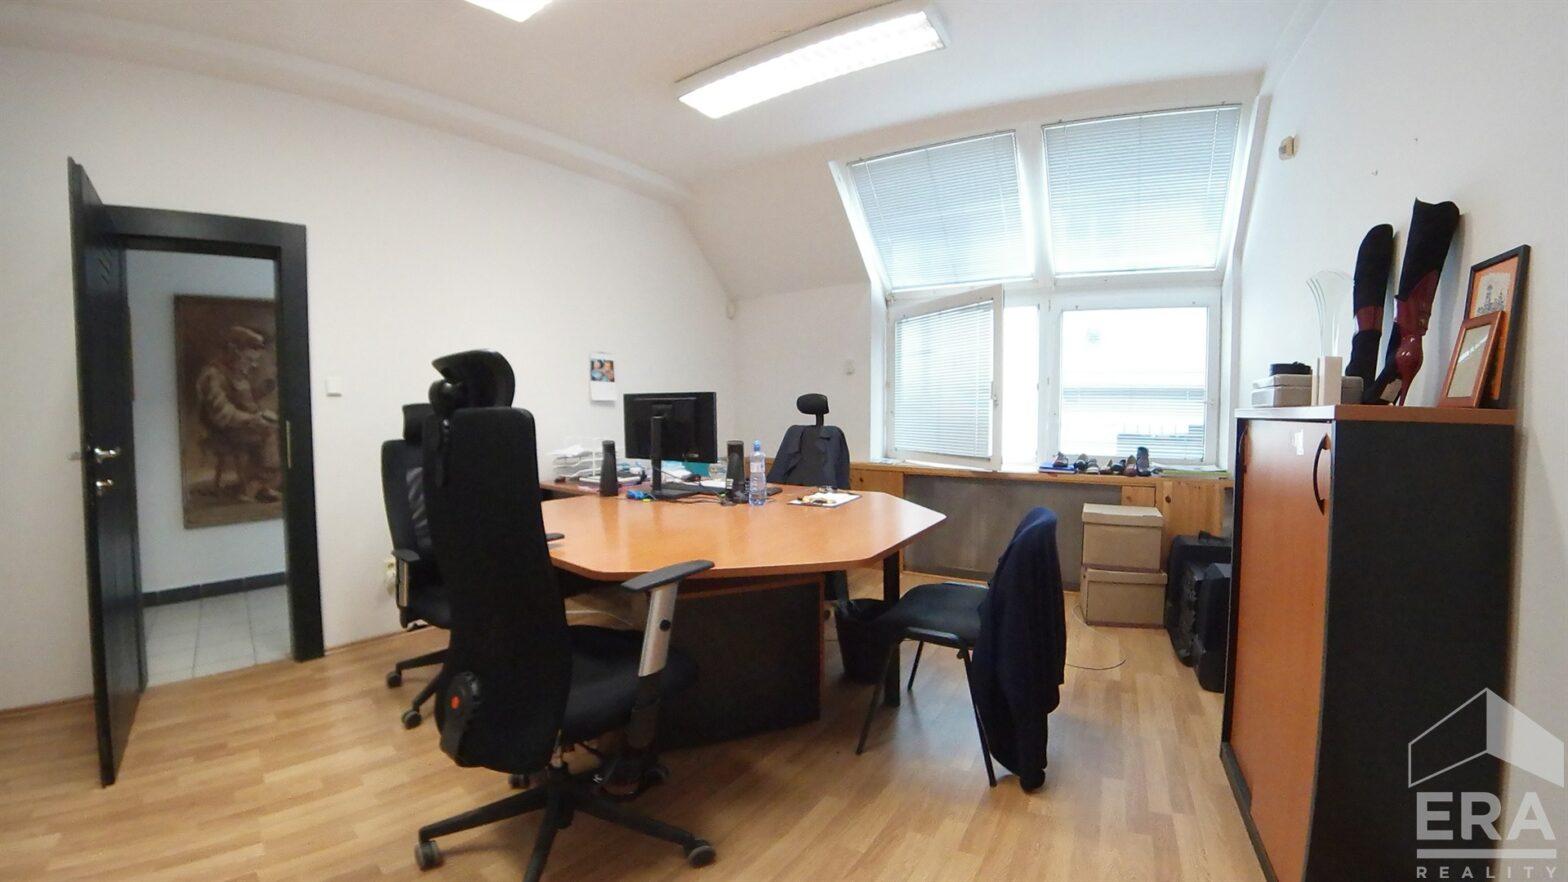 Pronájem kancelářských a skladových prostor, ul Rostislavova 23, Praha 4 – Nusle